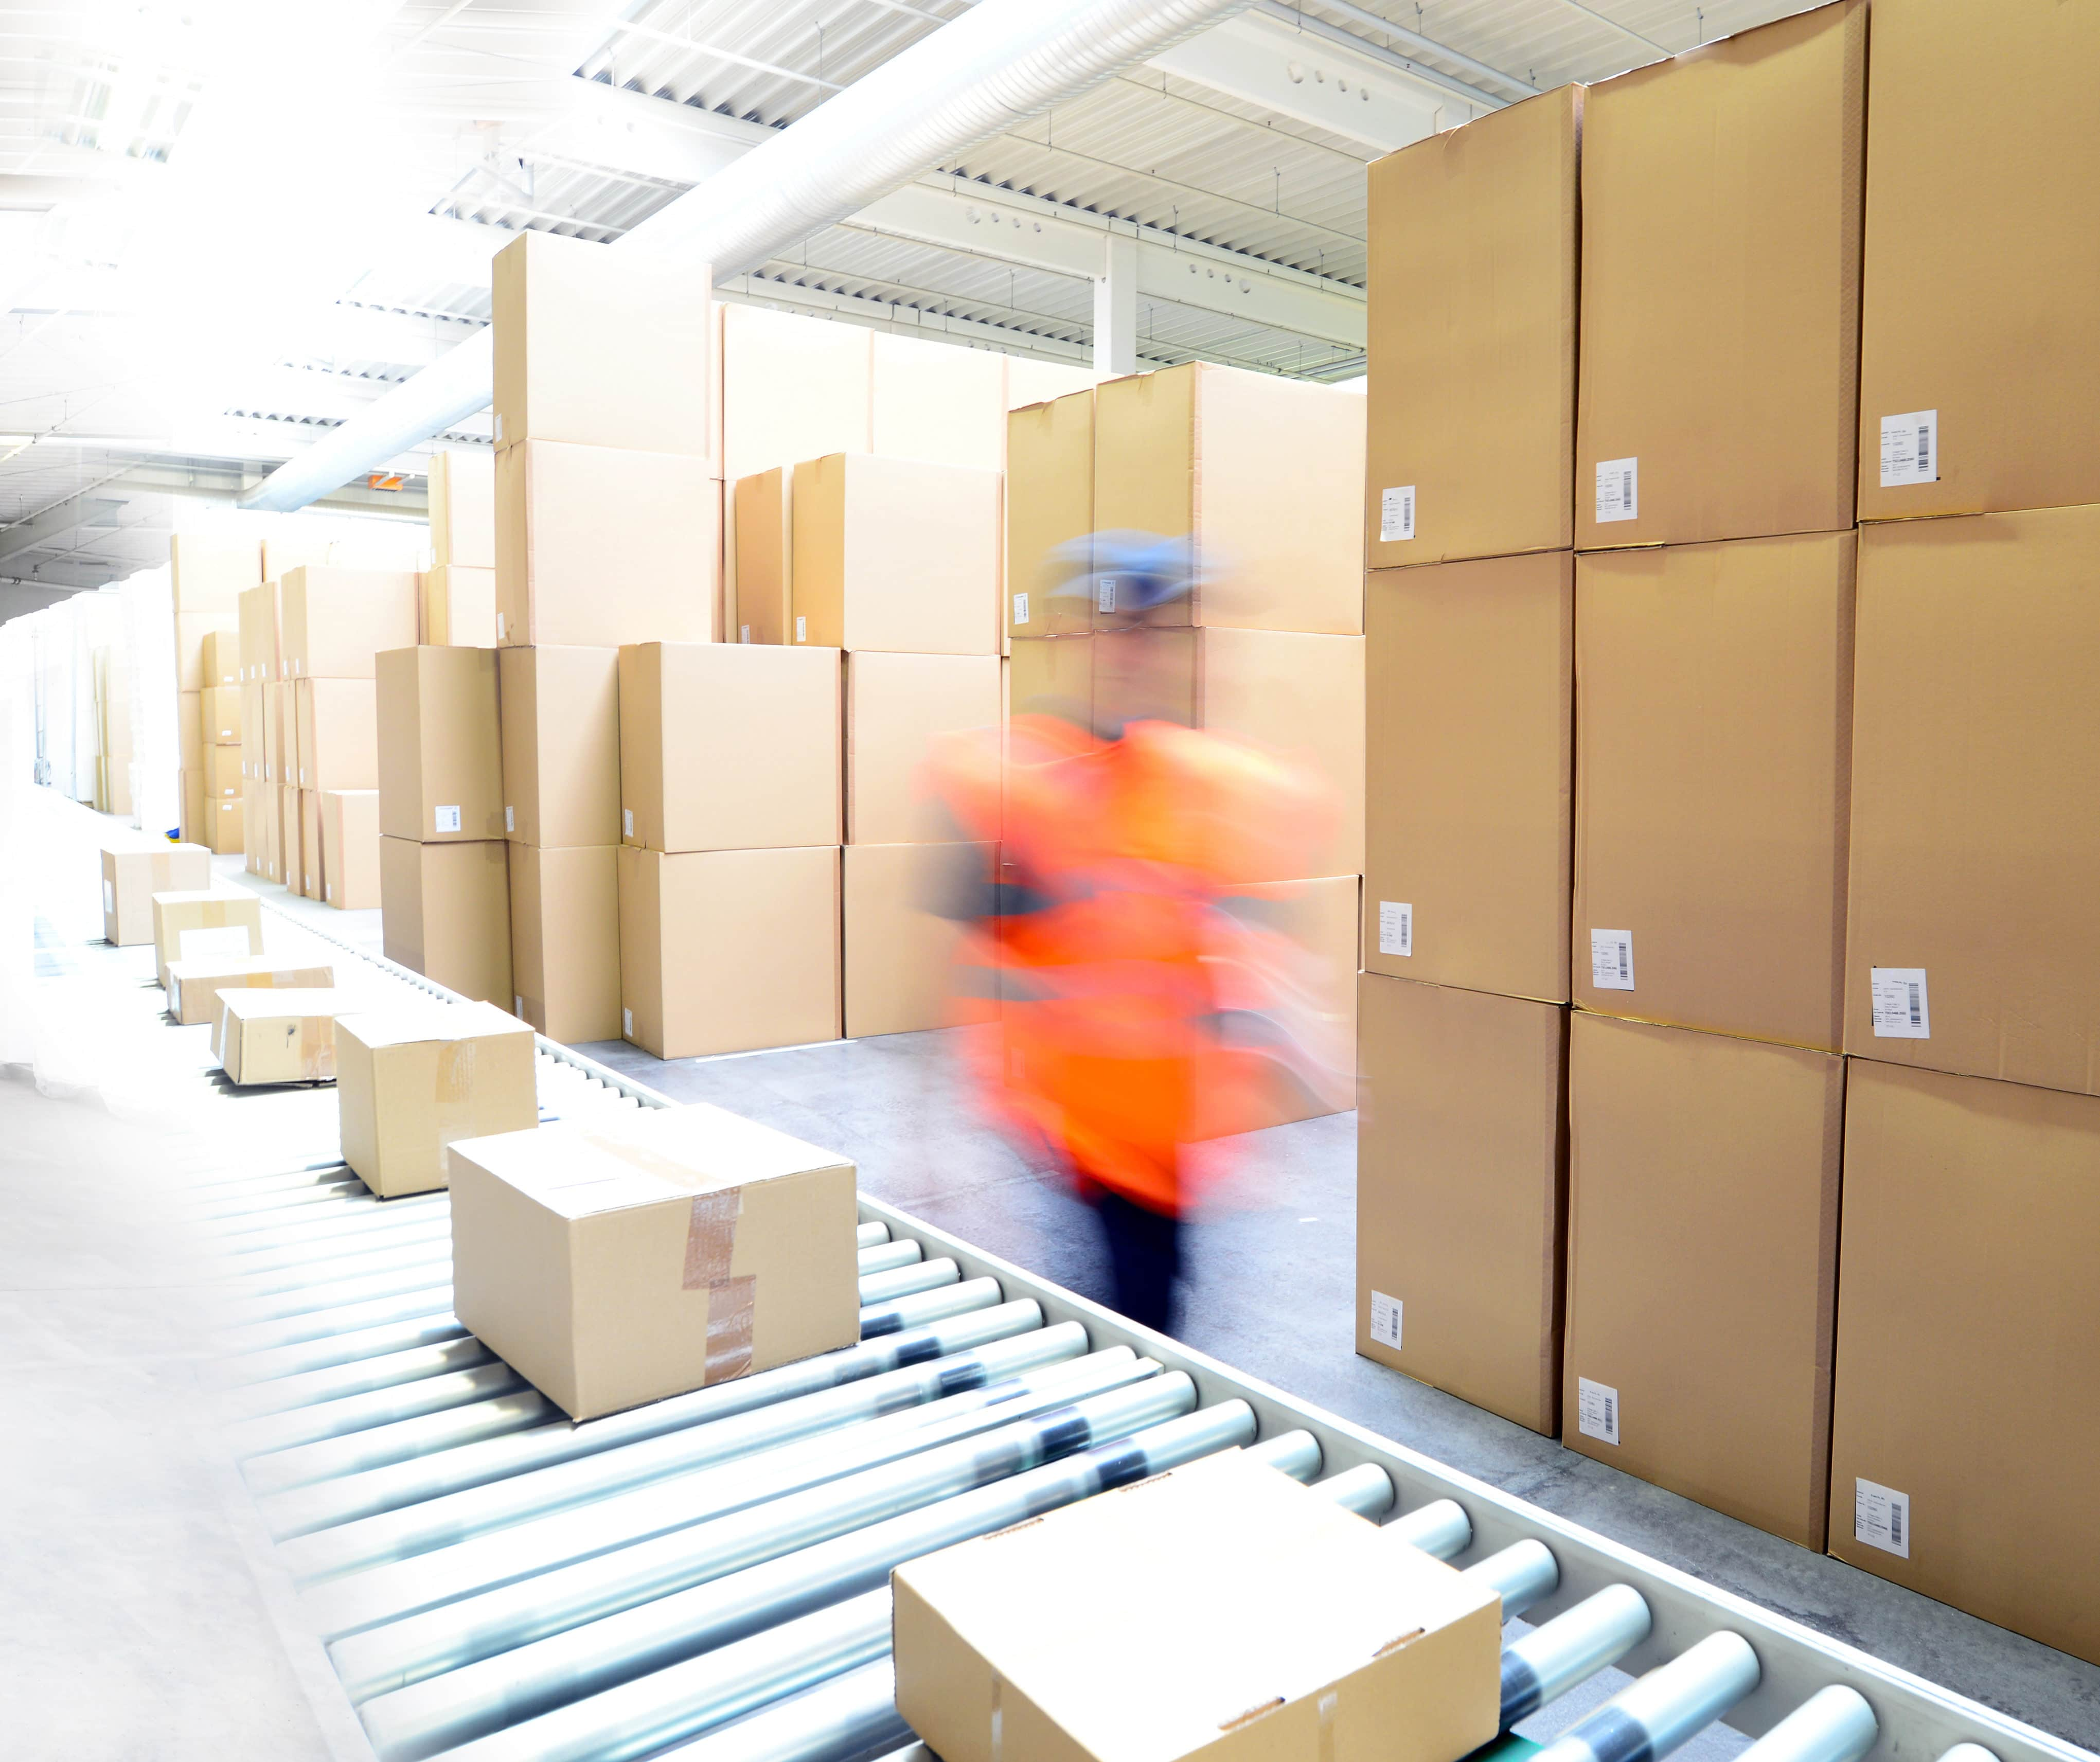 Versand und Logistik im Warenlager einer Spedition - Lieferung von Paketen im Onlinehandel // transport and logistics in a warehouse